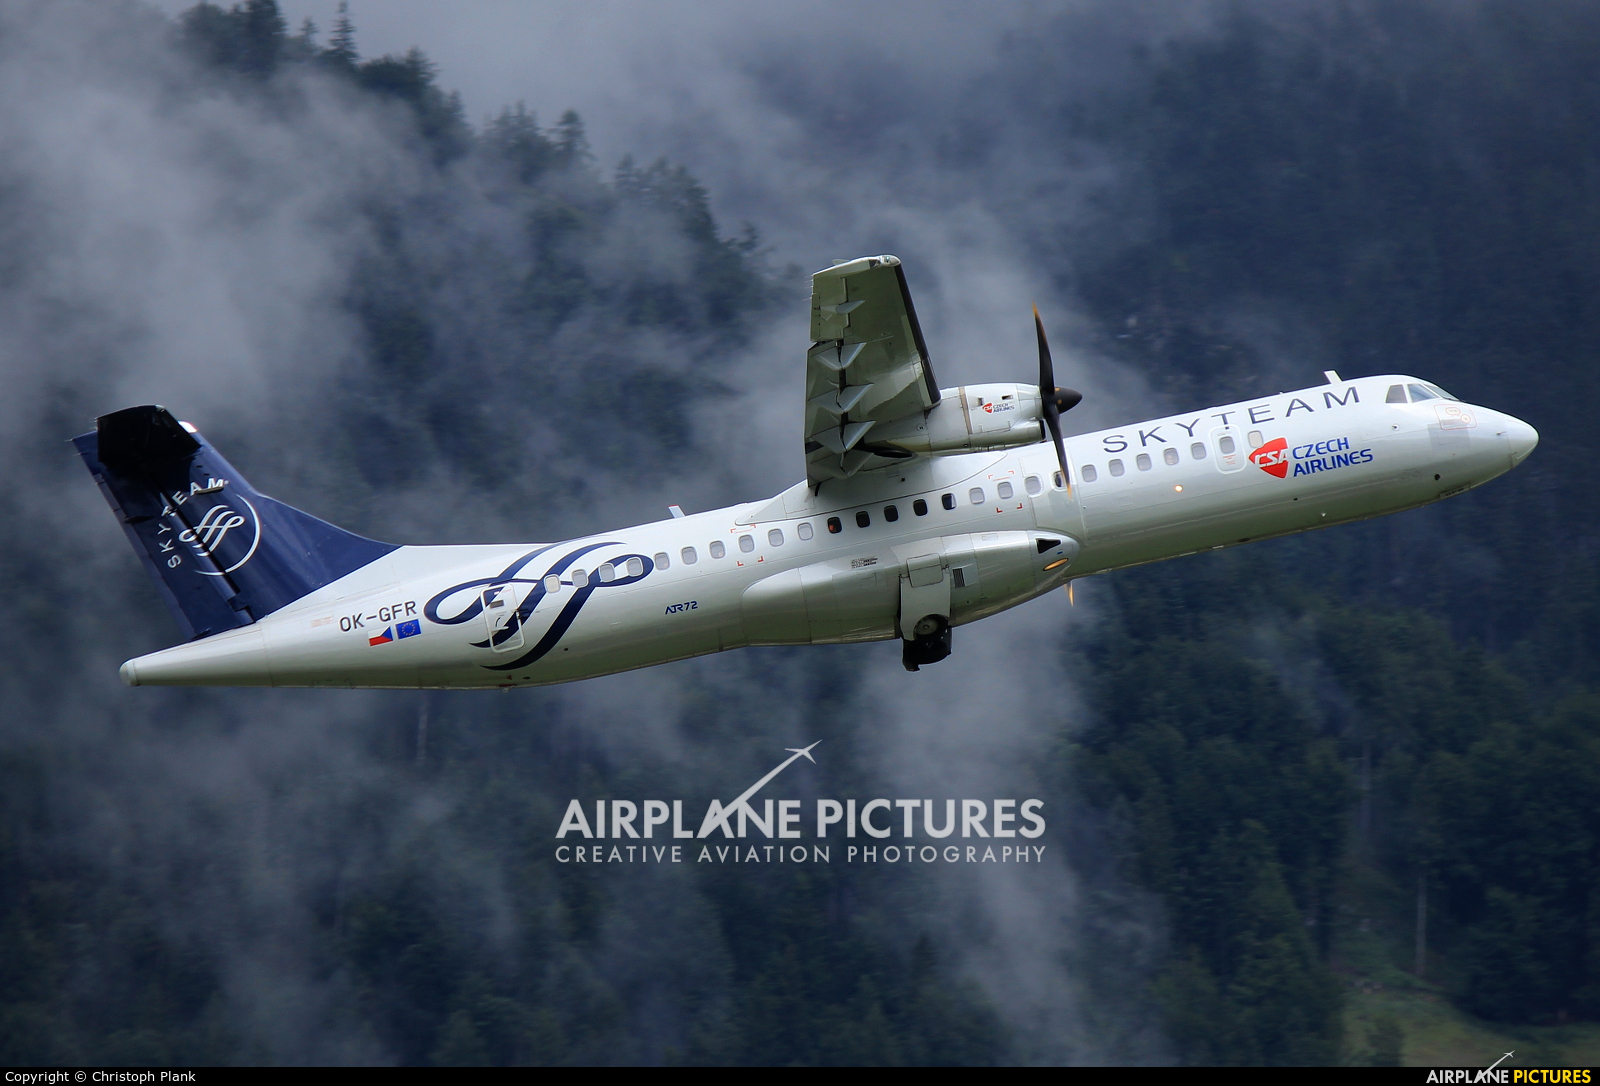 CSA - Czech Airlines OK-GFR aircraft at Innsbruck